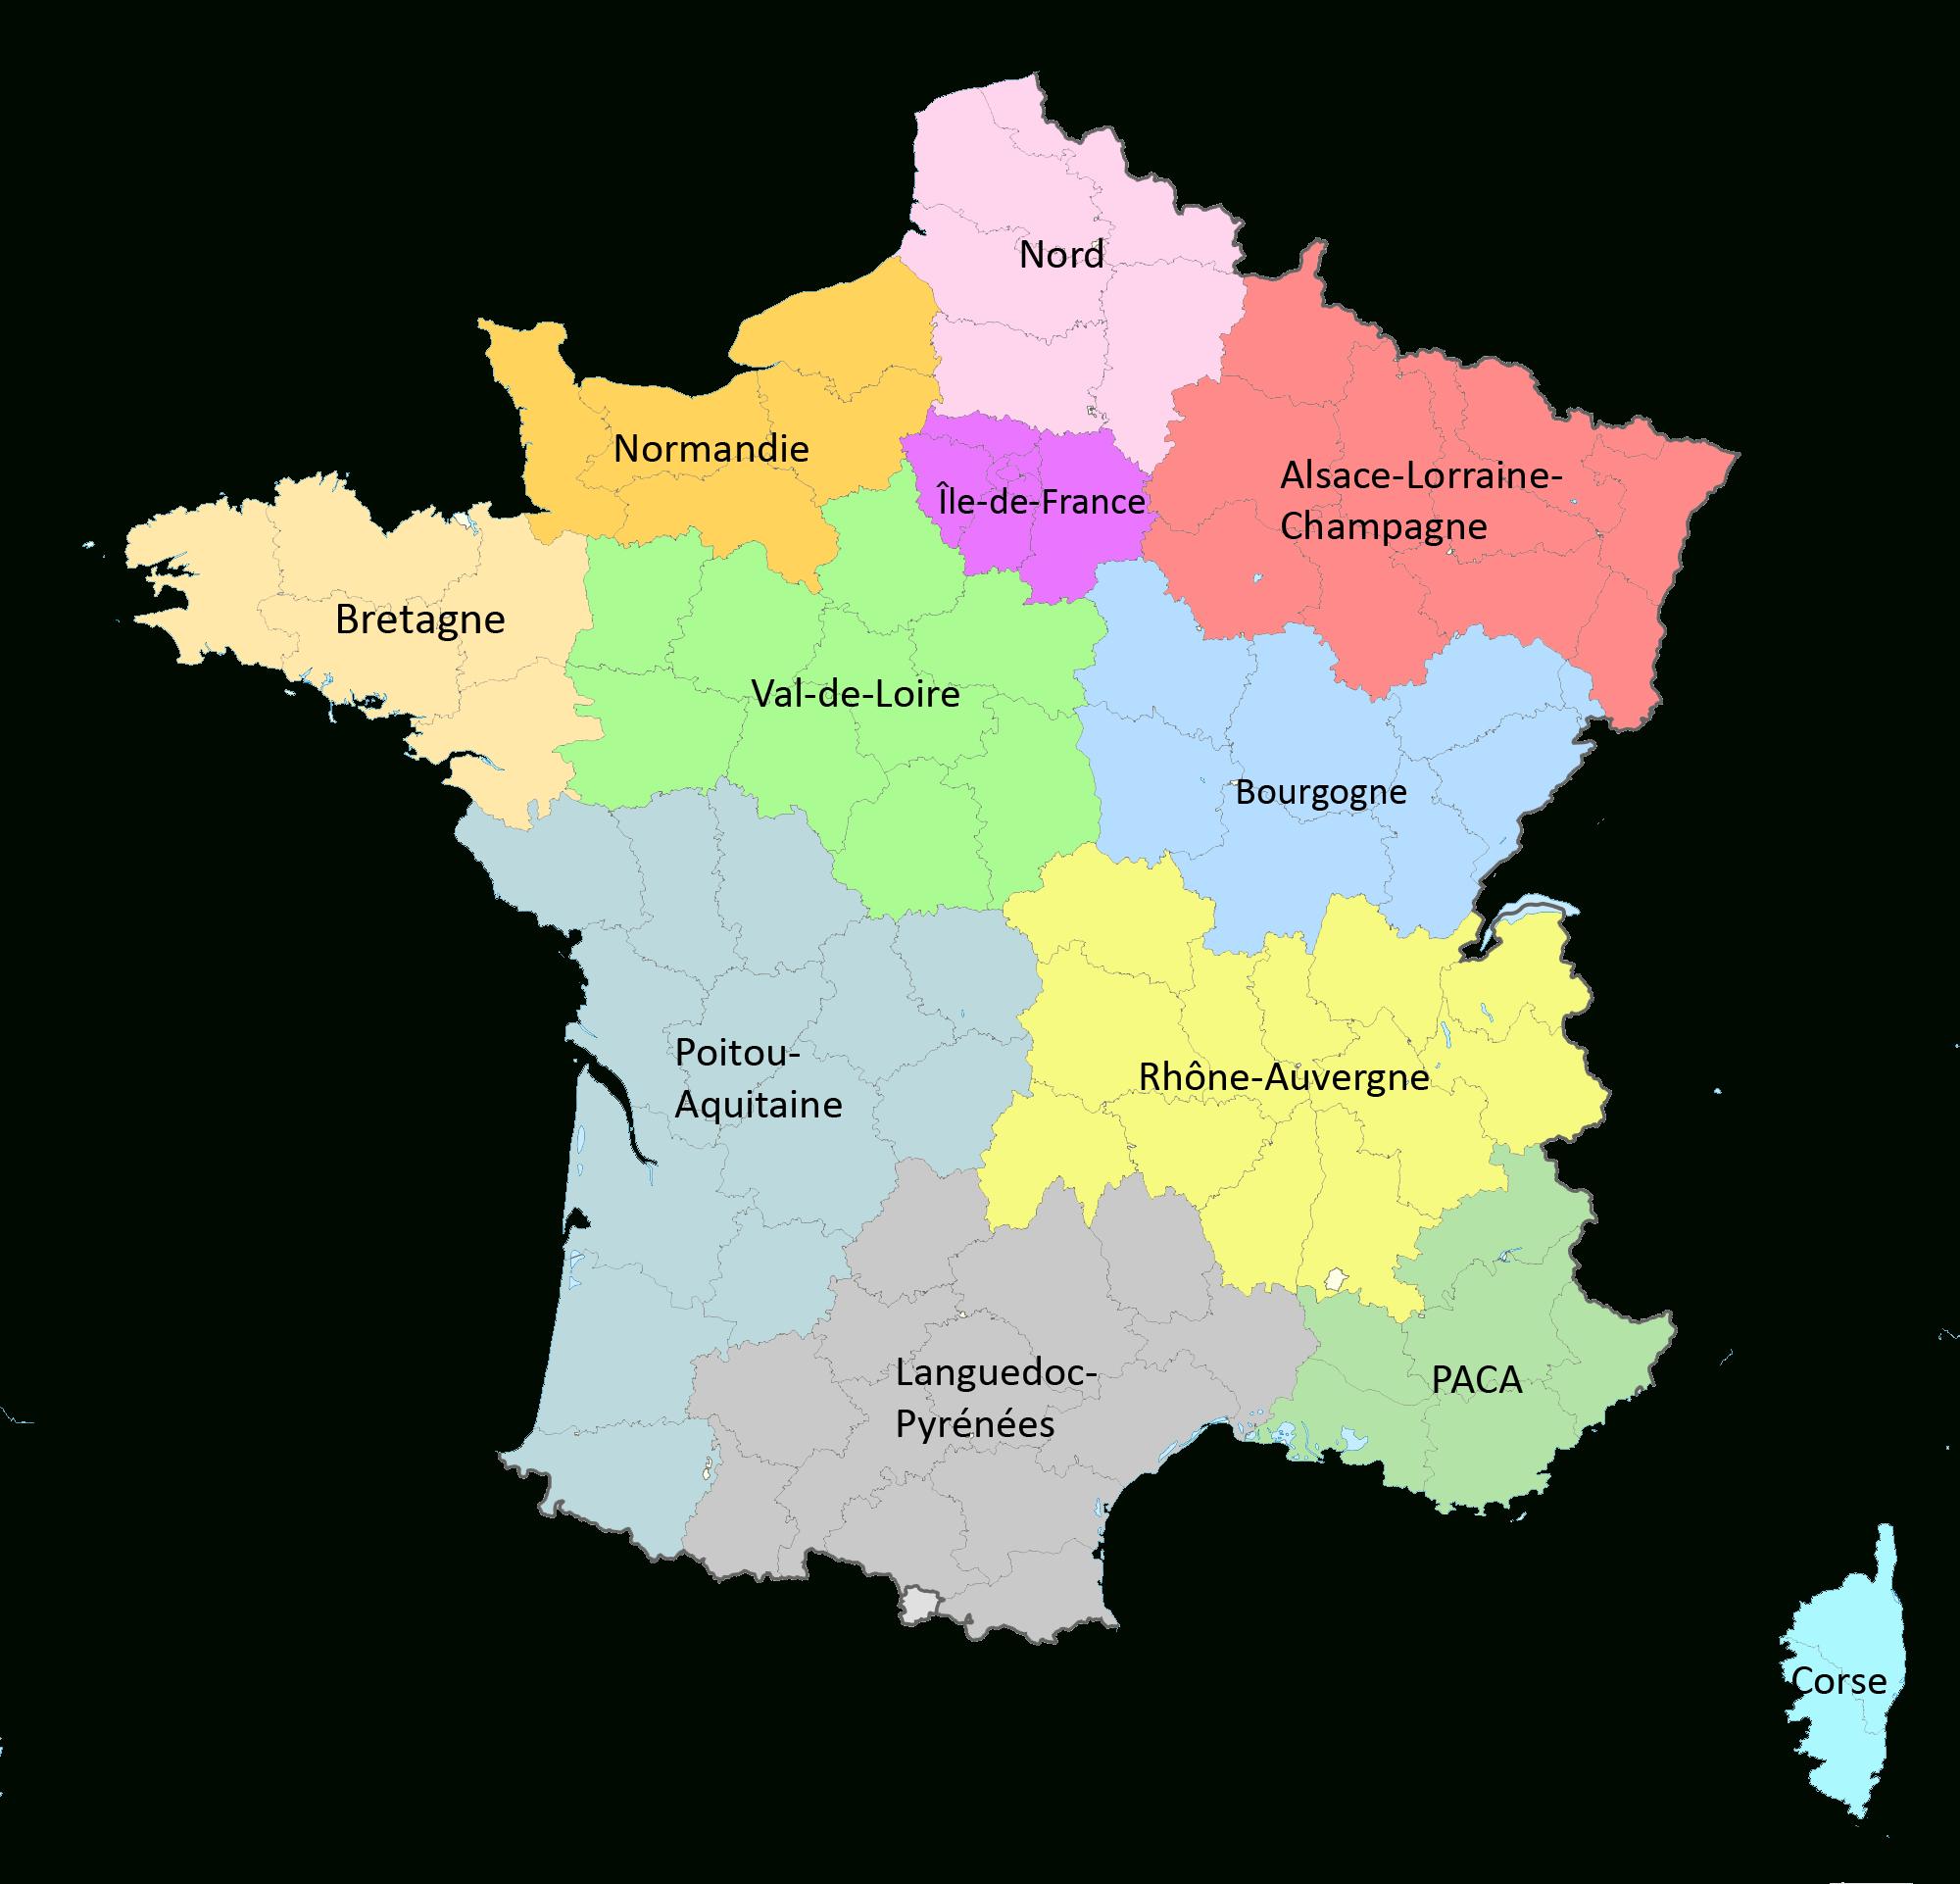 Réforme Territoriale : Une Nouvelle Carte À 12 Régions serapportantà Carte Nouvelle Région France